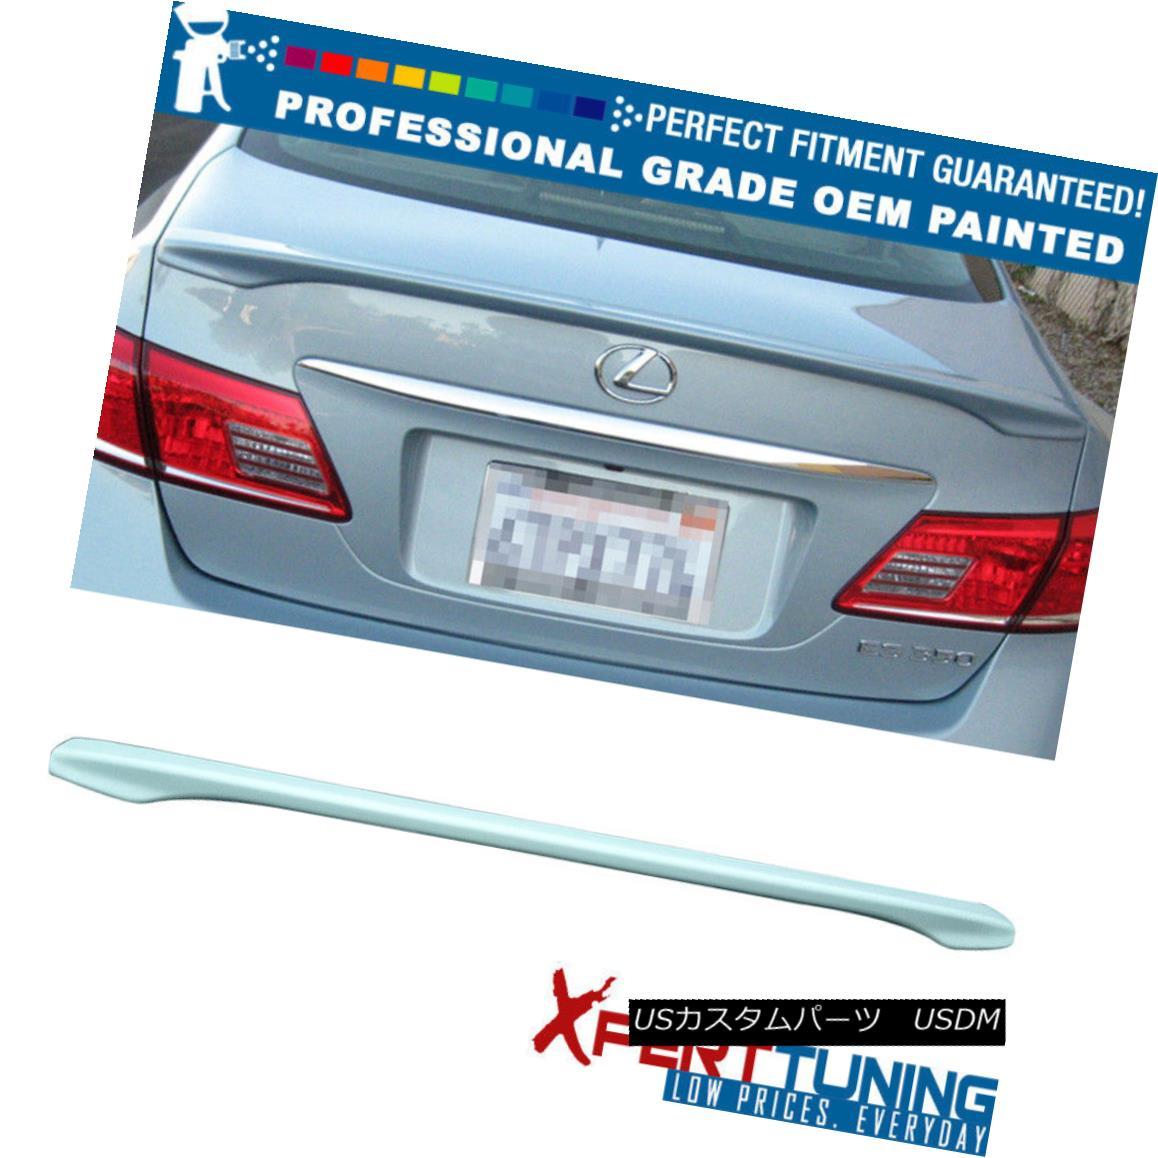 エアロパーツ Fit 07-12 Lexus ES350 OE Flush Mount Painted Trunk Spoiler OEM Painted Color フィット07-12レクサスES350 OEフラッシュマウント塗装トランクスポイラーOEM塗装色